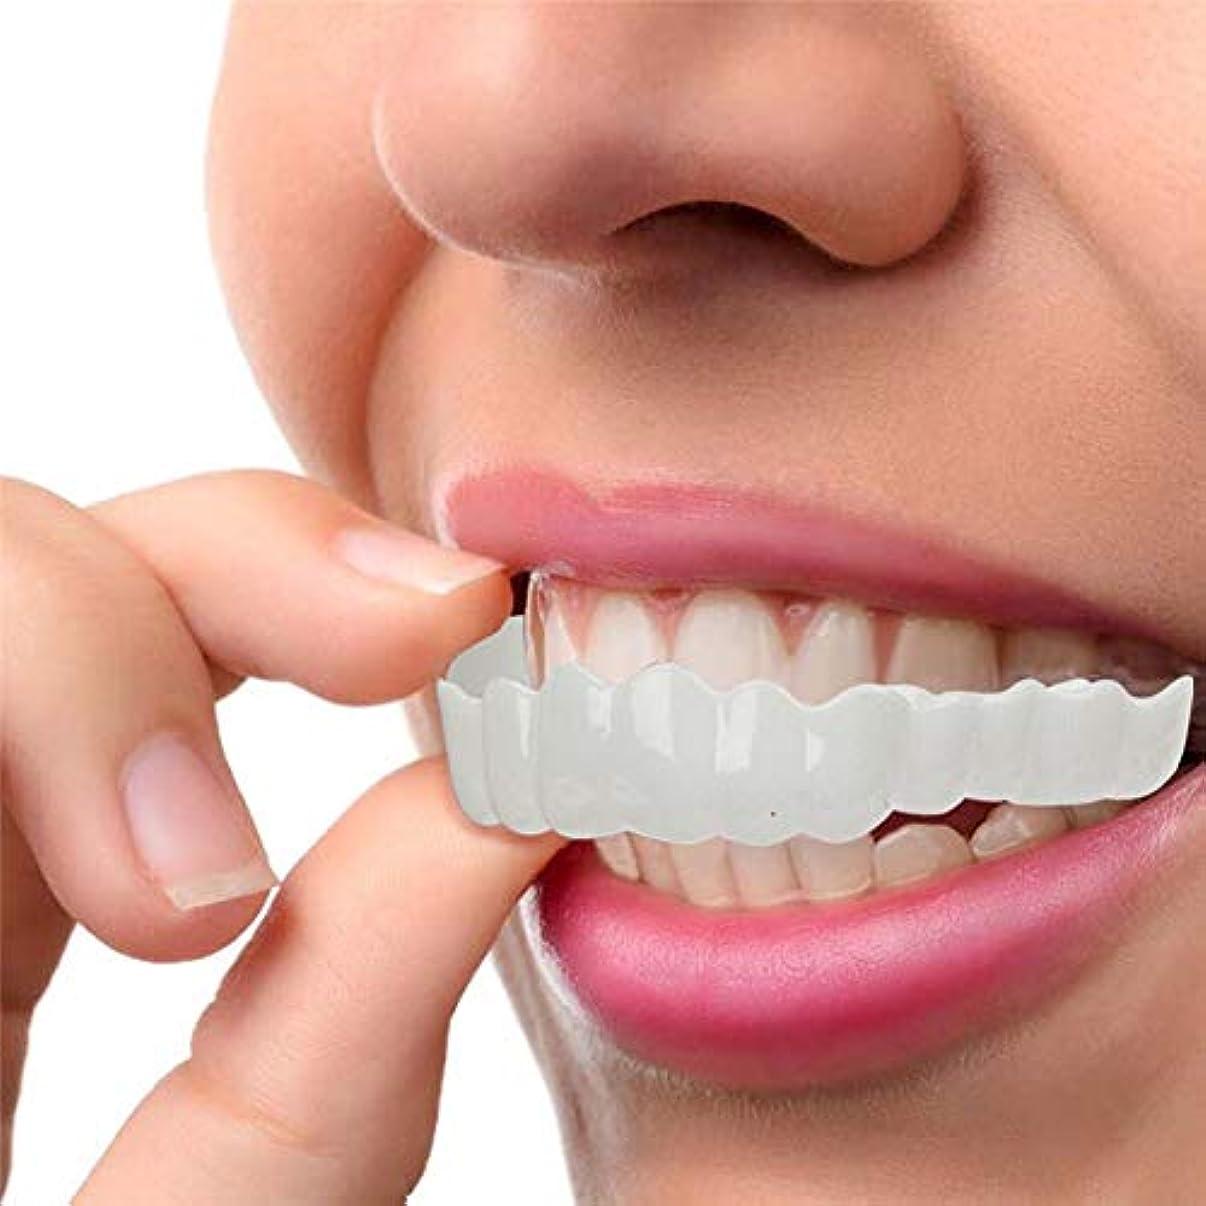 以降人種習慣化粧品の歯、白い歯をきれいにするコンフォートフィットフレックス歯ソケット、超快適、快適なフィット感、3セット